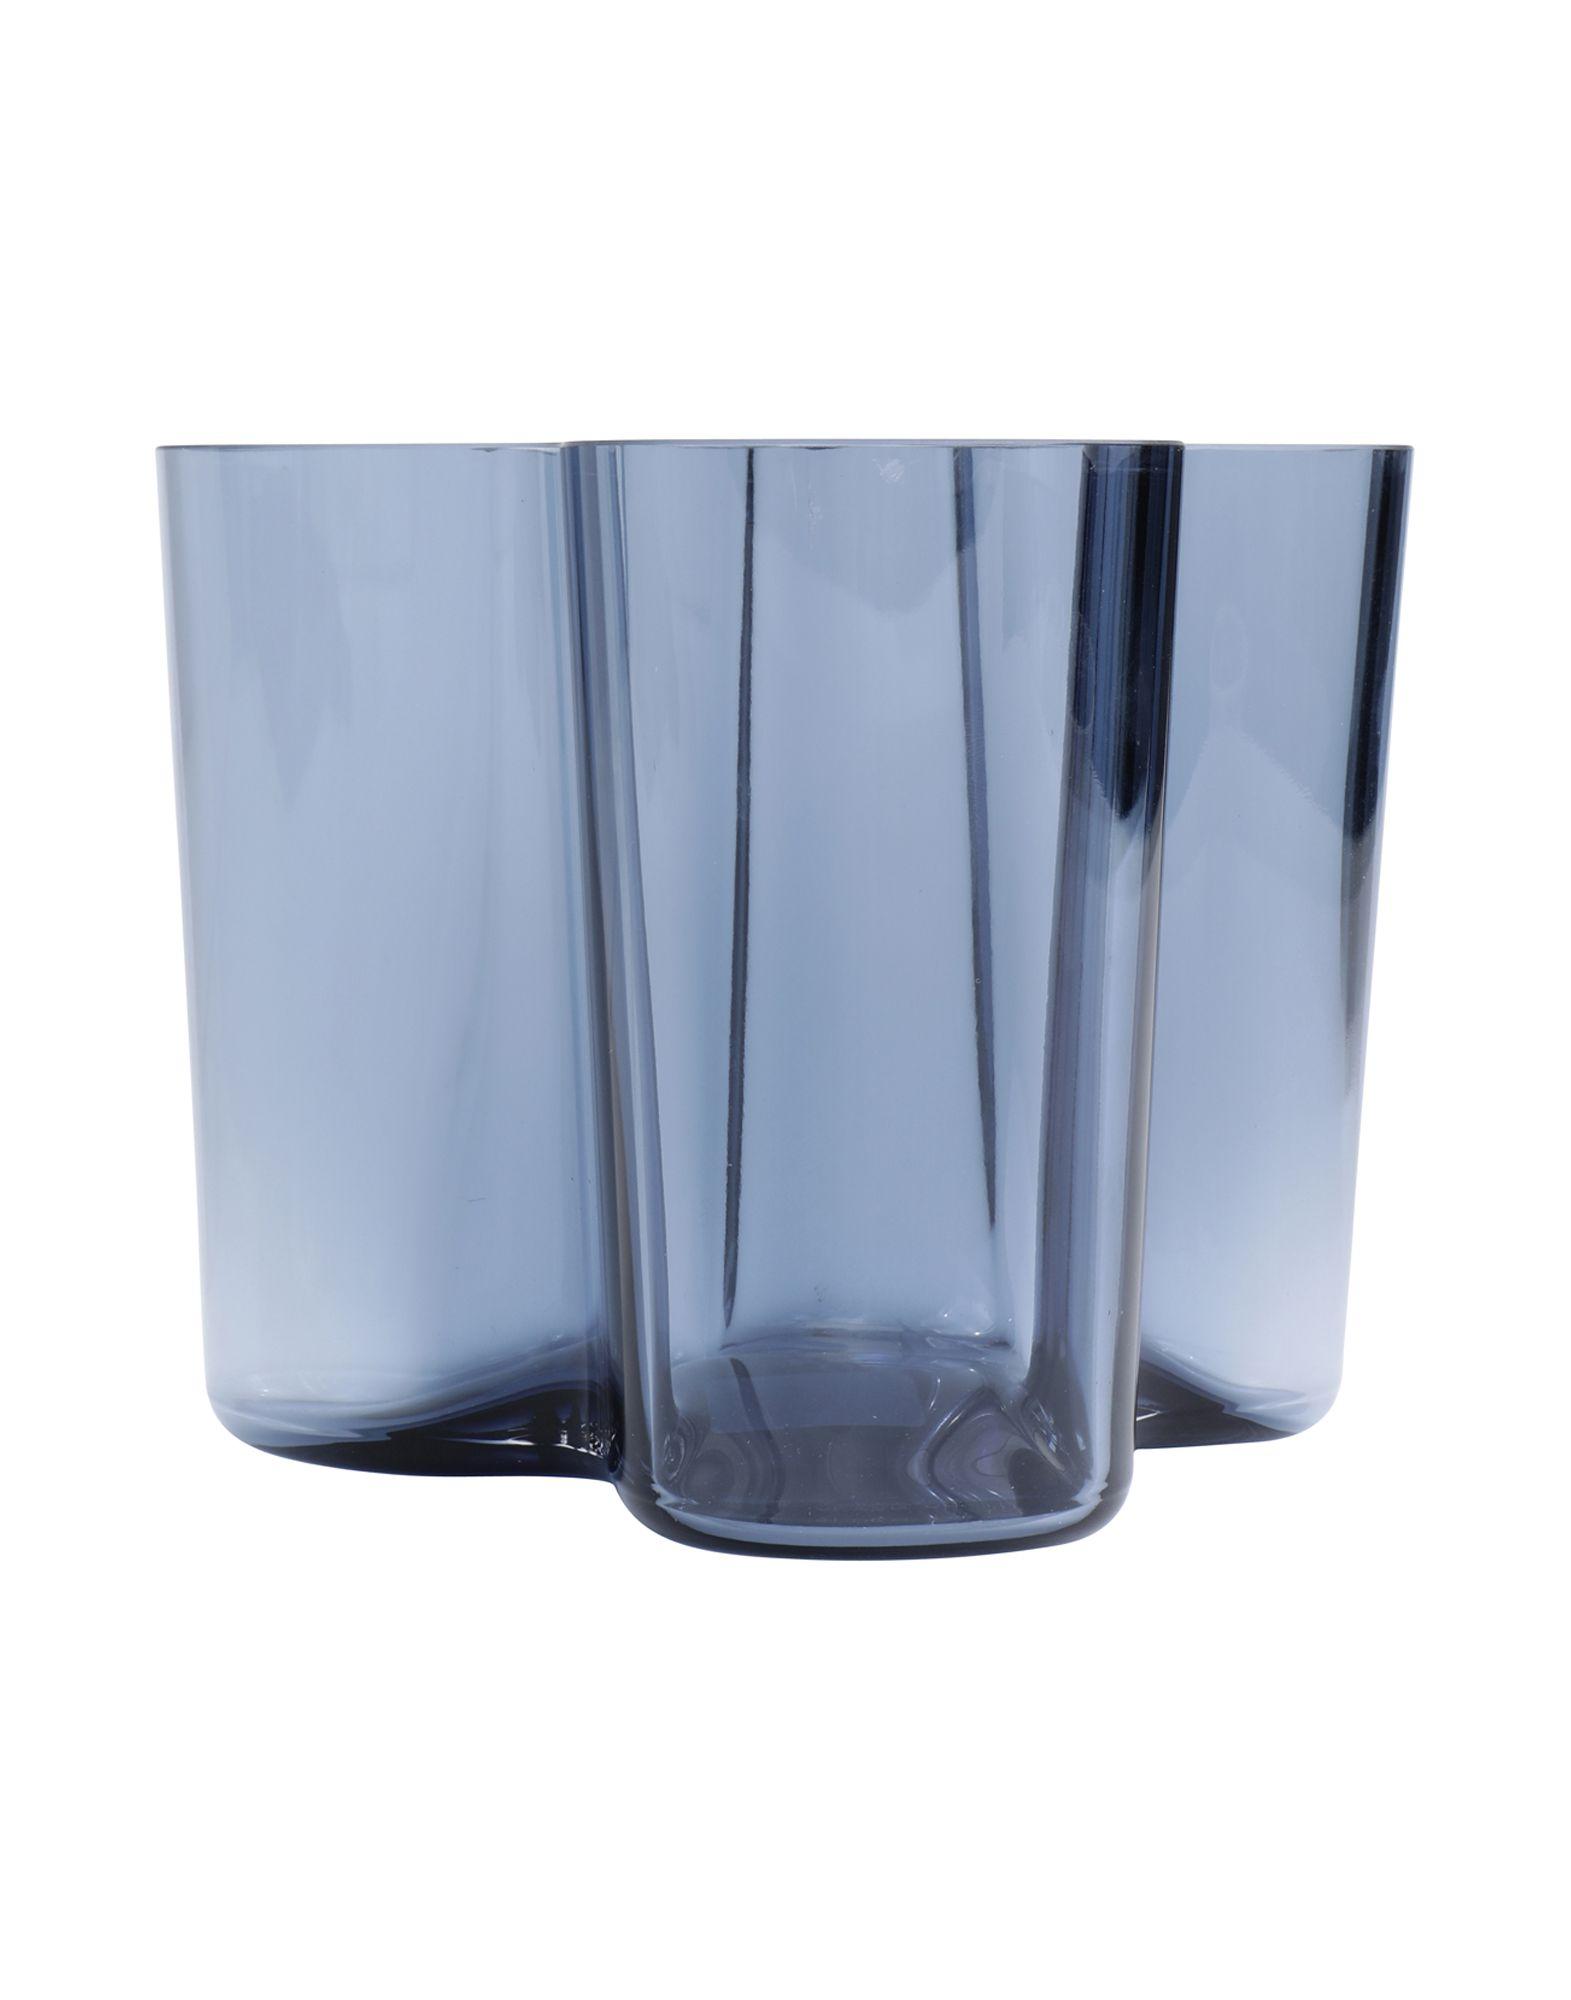 《送料無料》IITTALA Unisex ベース ブルー ガラス Aalto